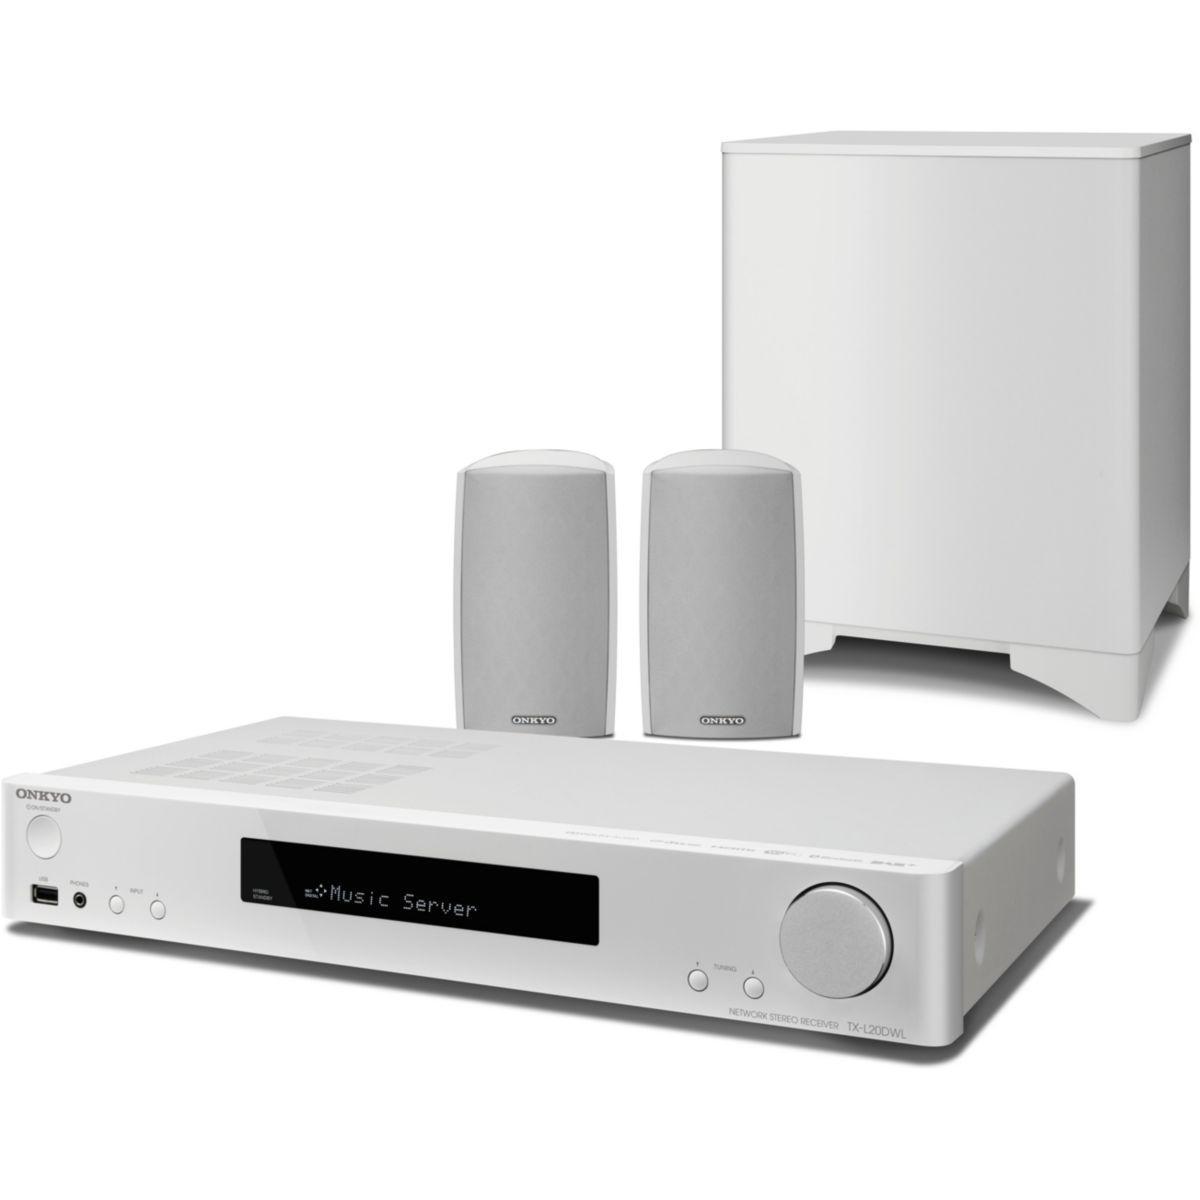 Enceintes tv onkyo ls5200 blanc - livraison offerte : code livdomicile (photo)